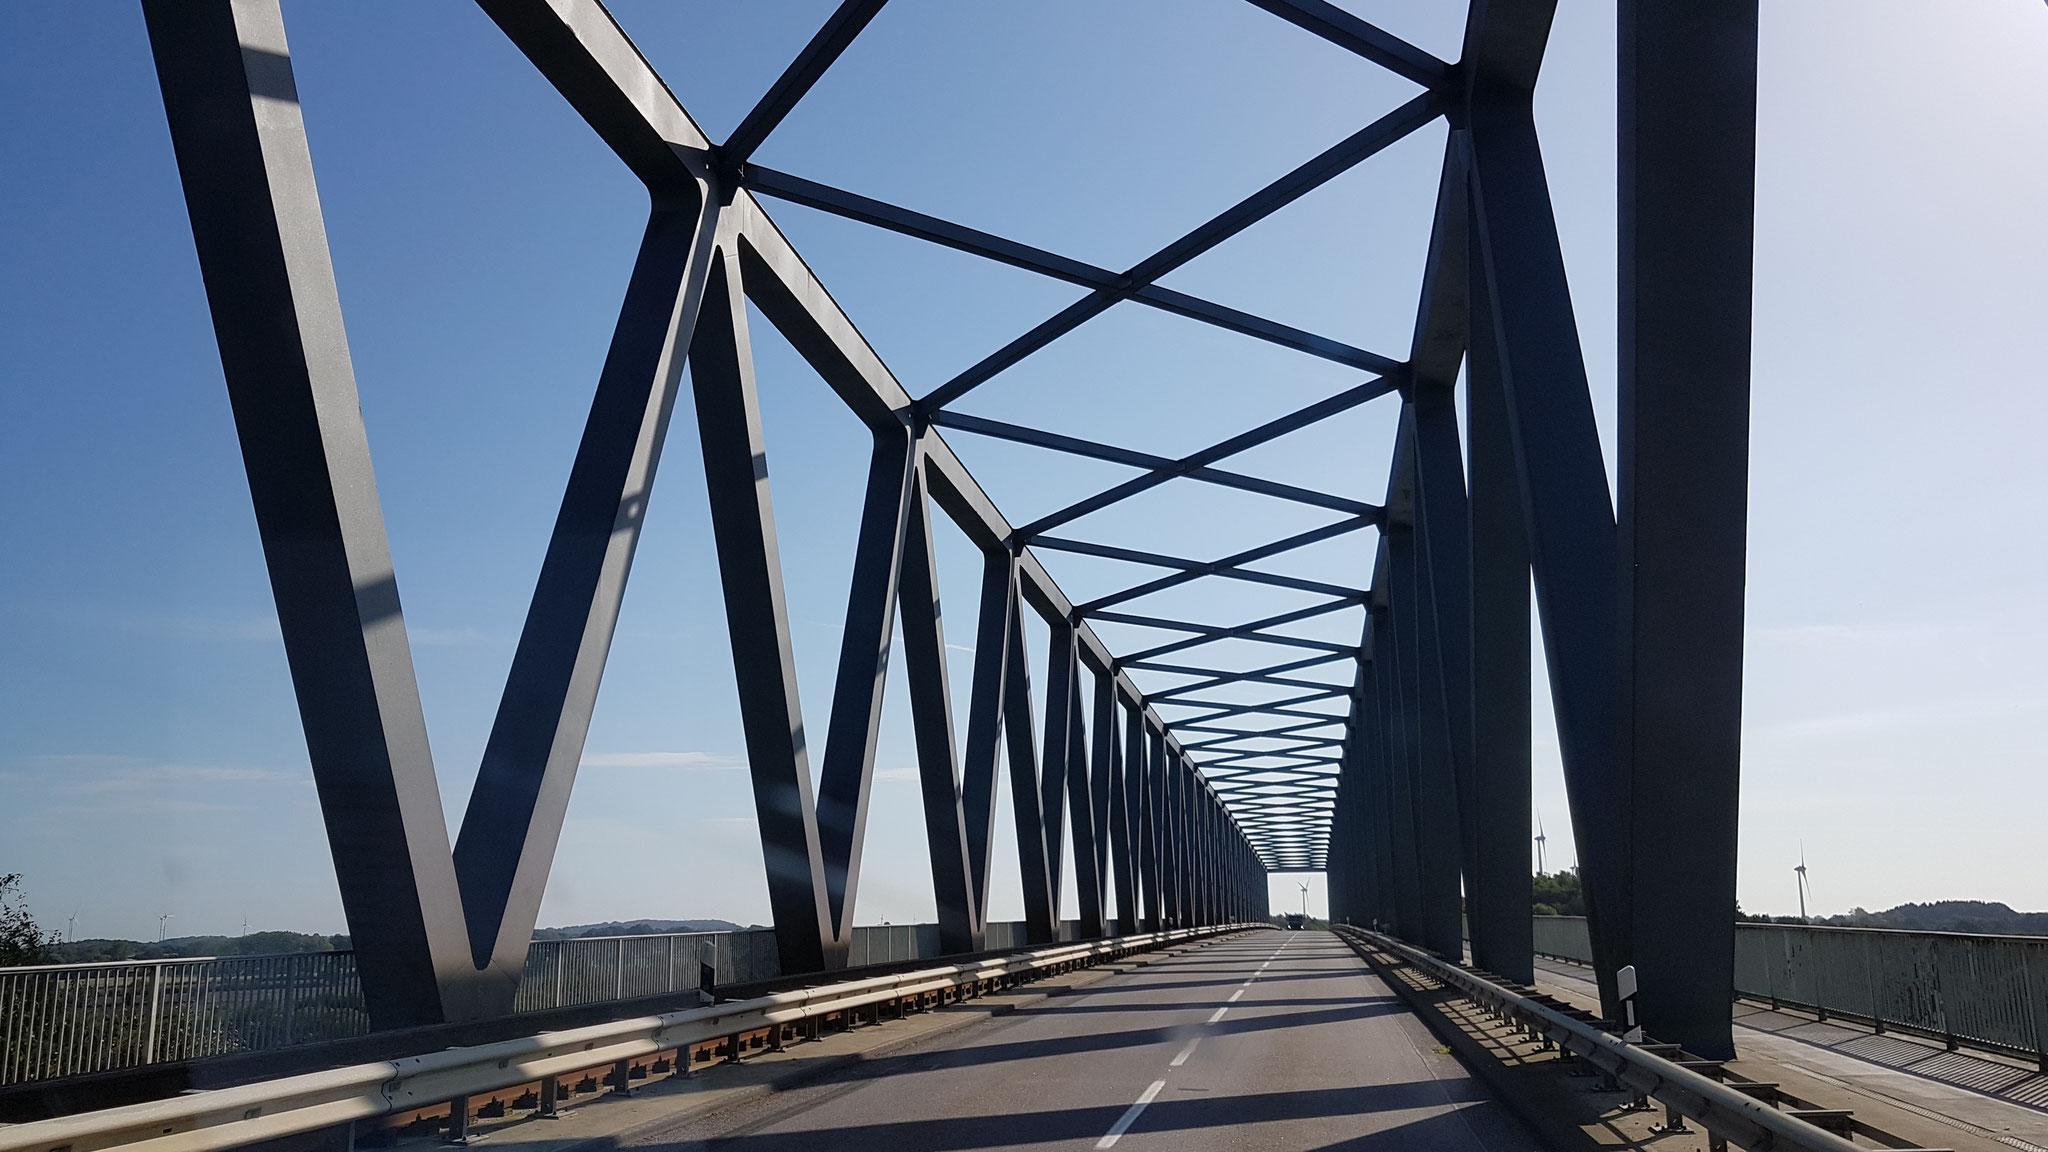 Diese Brücke sieht jedenfalls genial aus